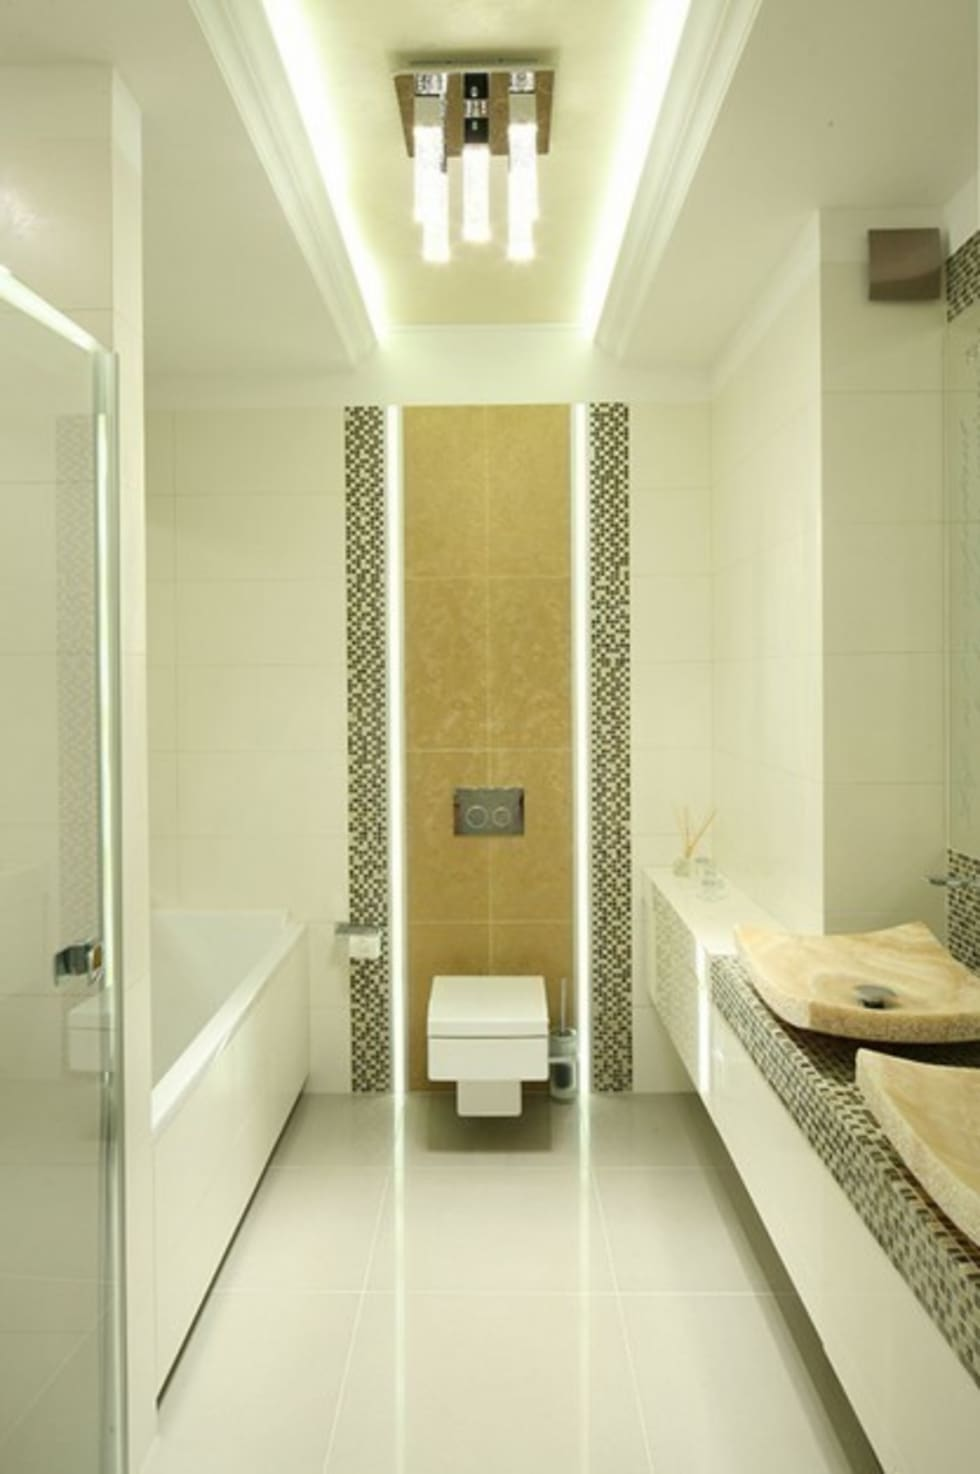 Łazienka.: styl , w kategorii Łazienka zaprojektowany przez CAROLINE'S DESIGN